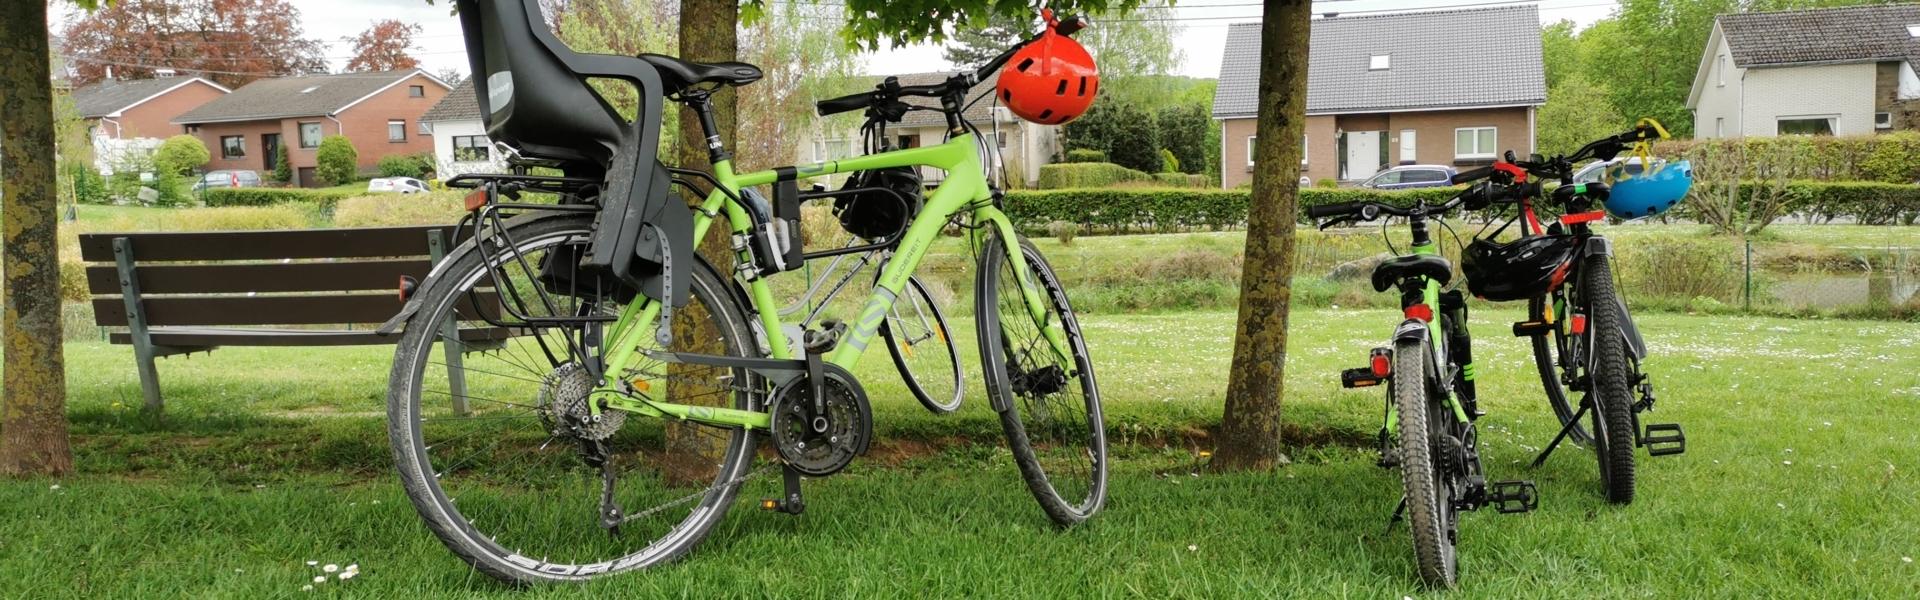 Fahrräder im Hergenrather Gemeindepark